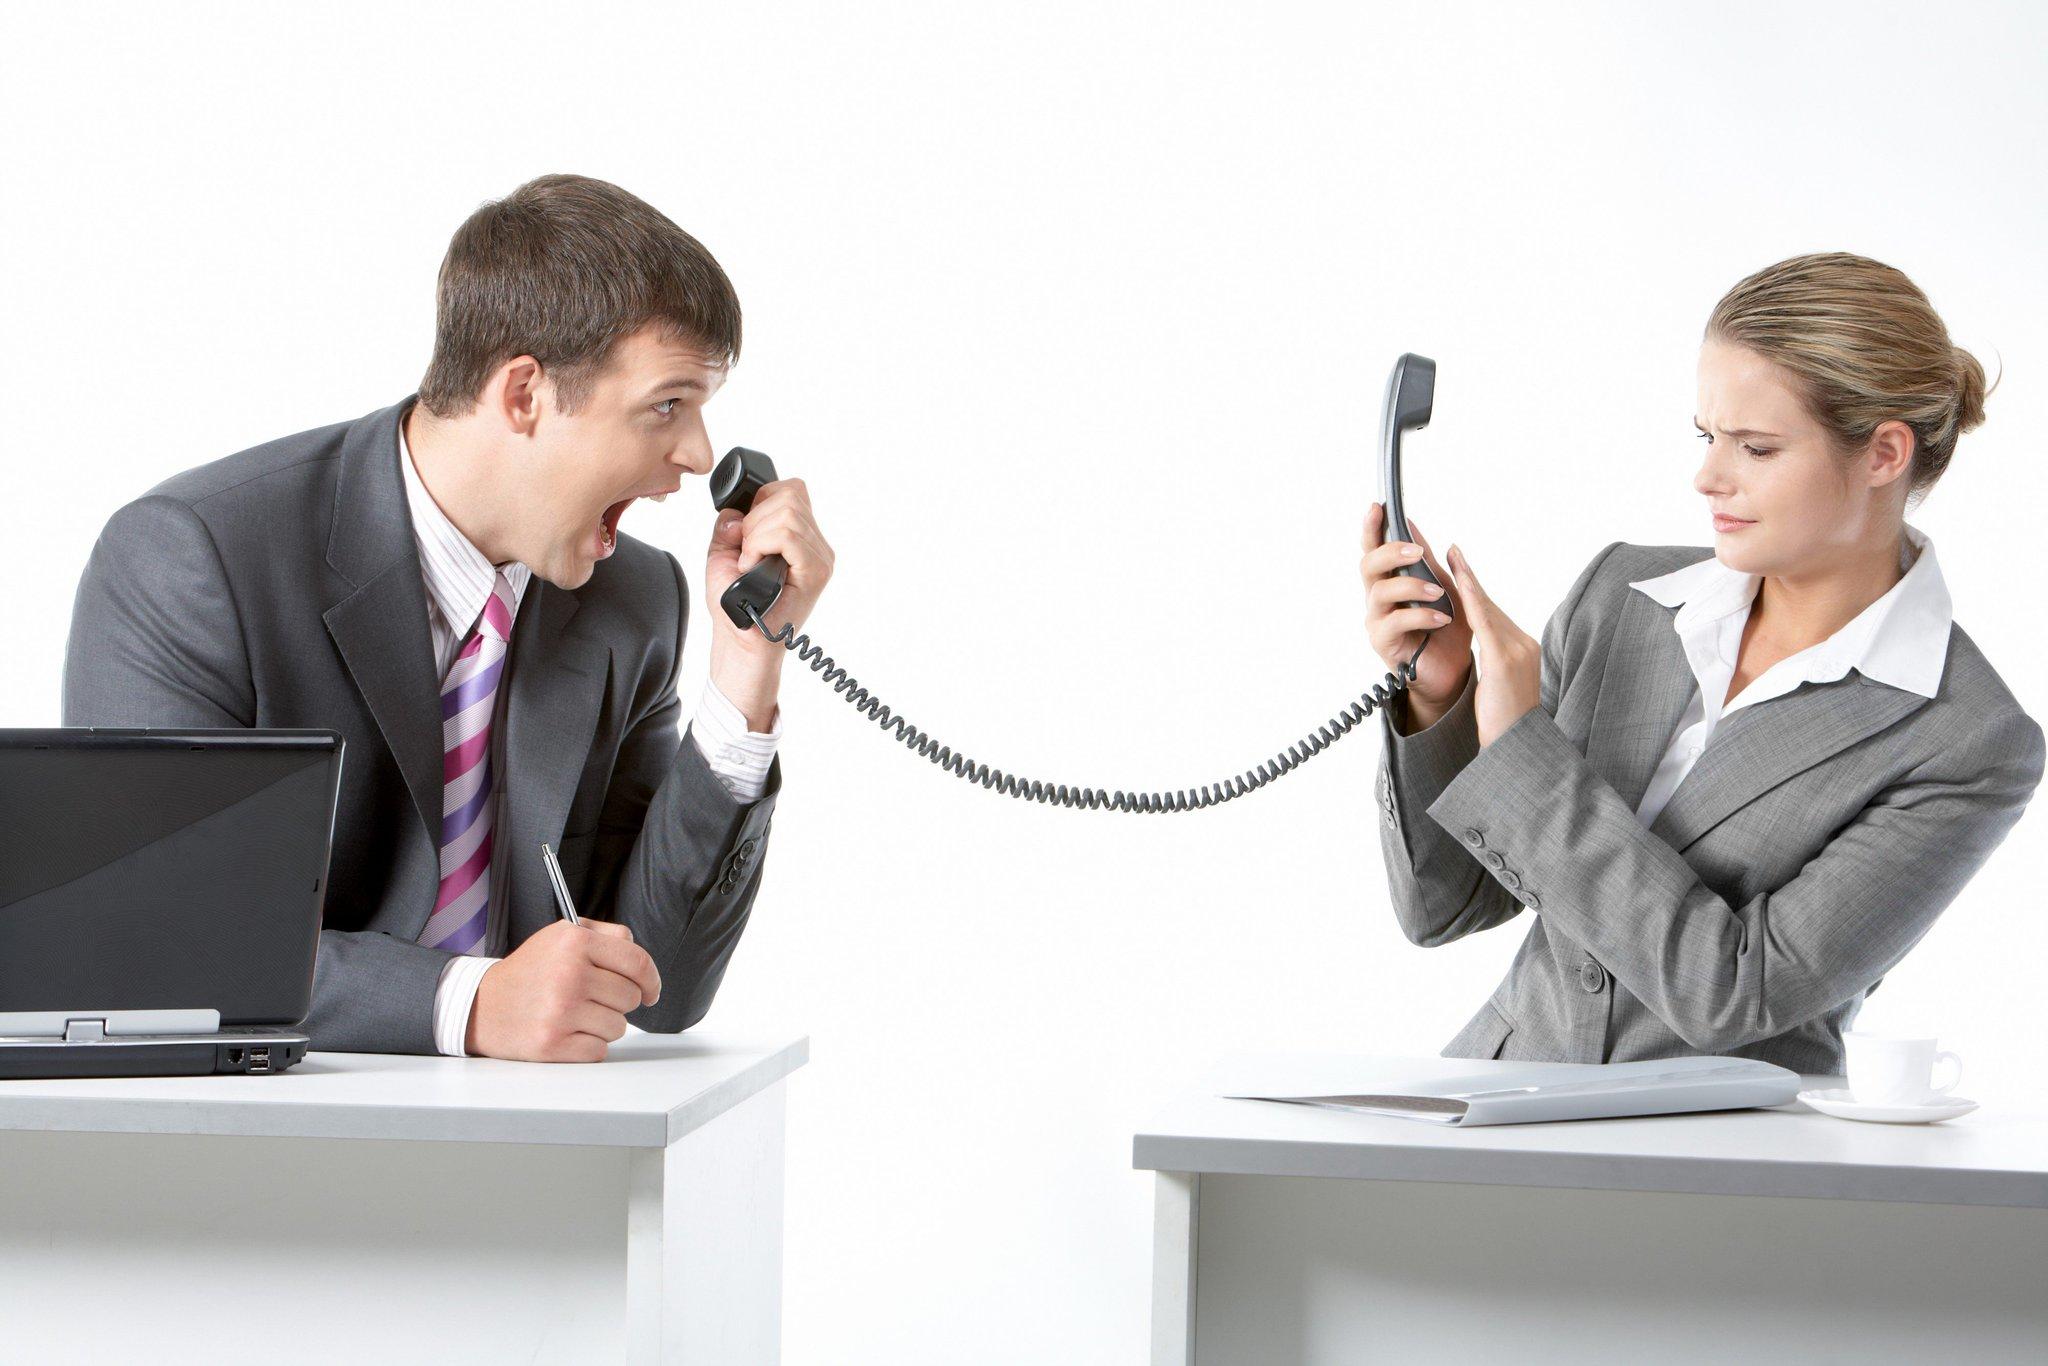 картинка двух людей разговаривающих по телефону бар считается